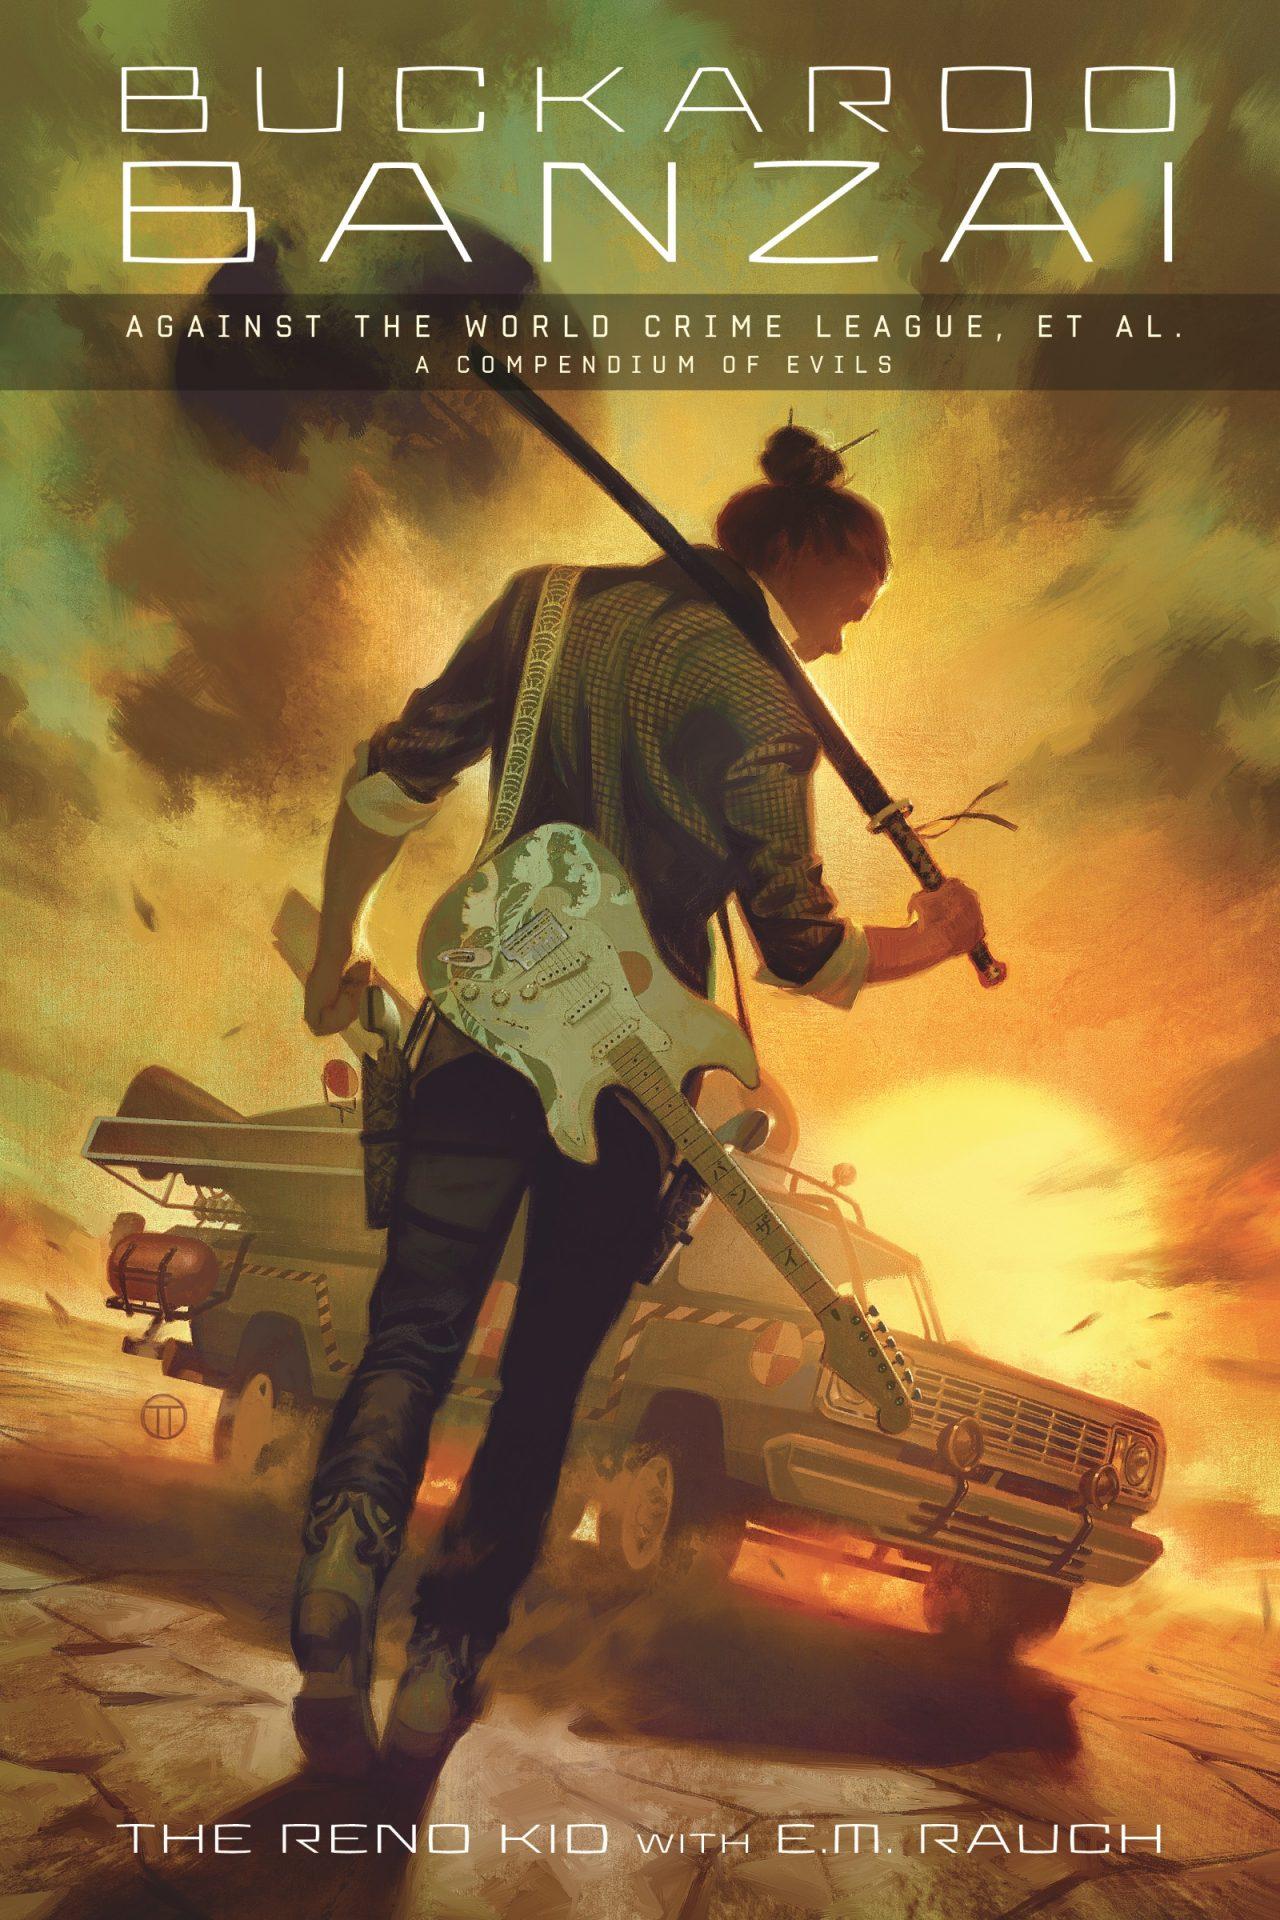 Buckaroo Banzai Sequel Novel